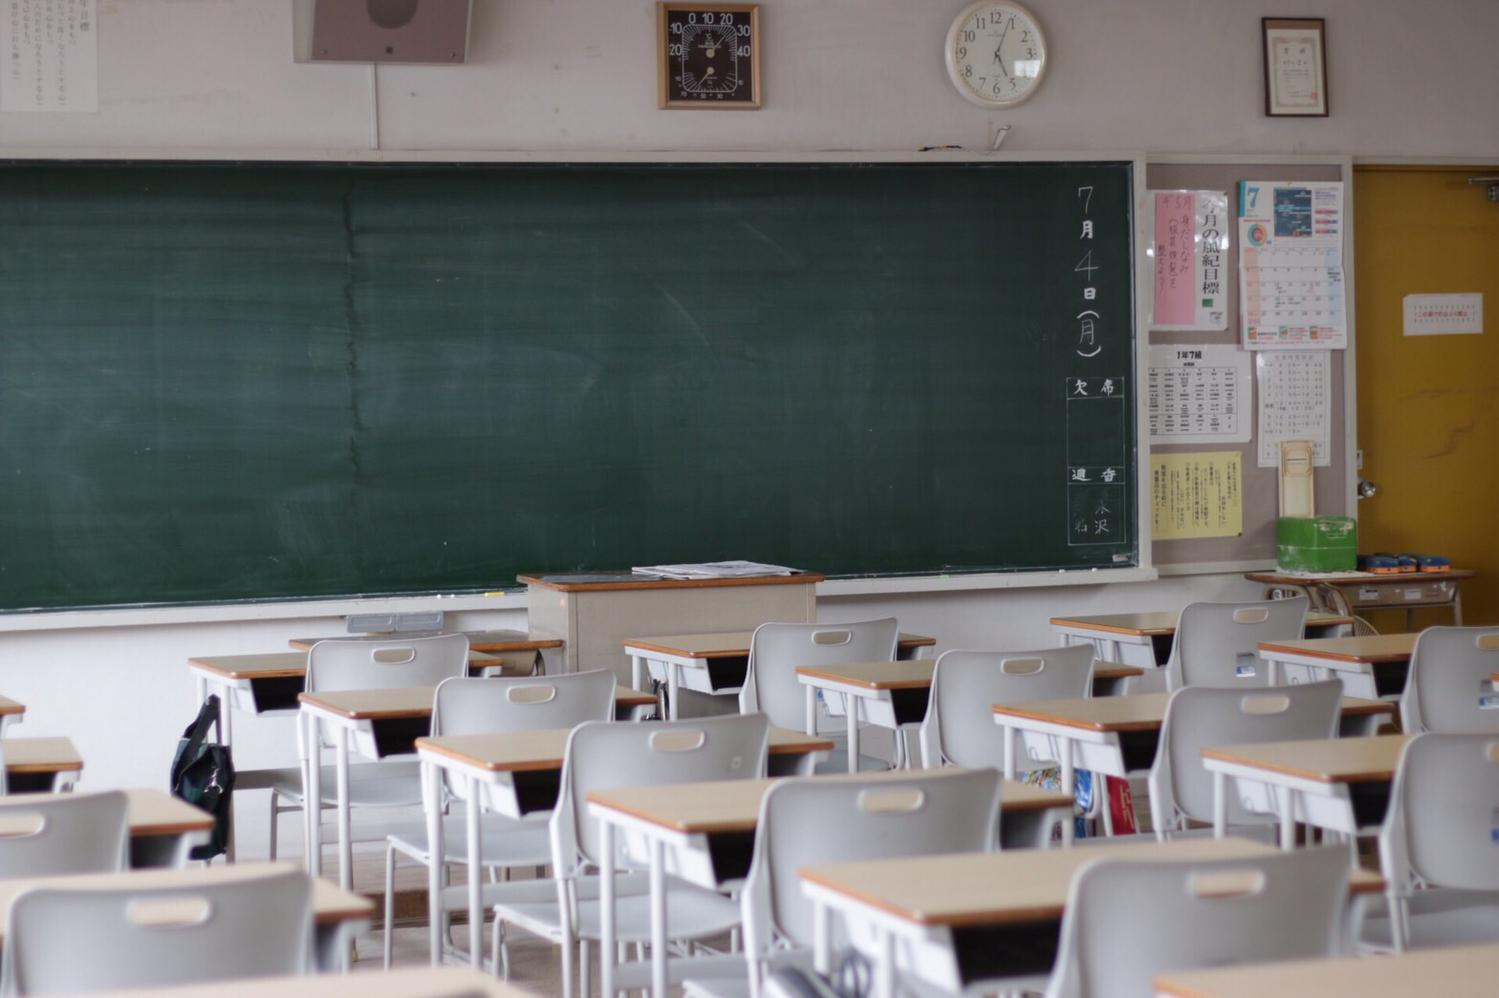 校則でOKなら、学校で撮って思い出に